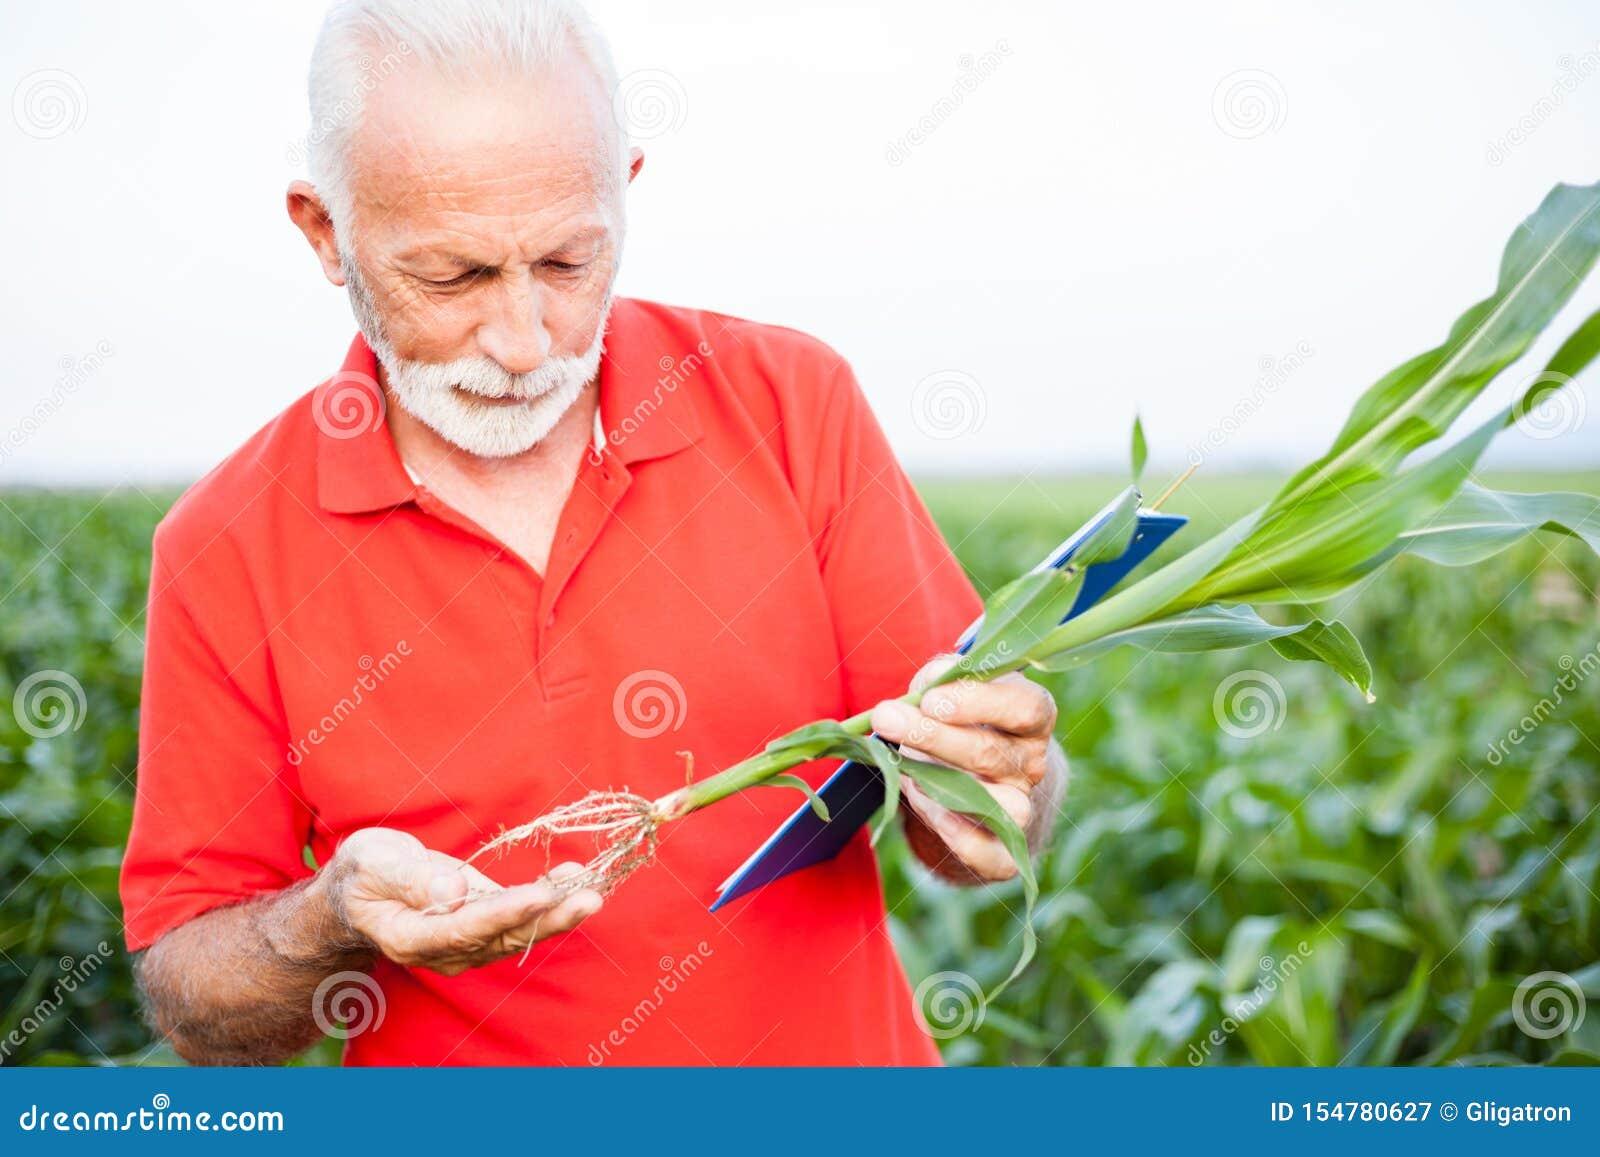 Ernster grauer behaarter älterer Agronom oder Landwirt in Untersuchungsmaispflanzenwurzeln des roten Hemdes